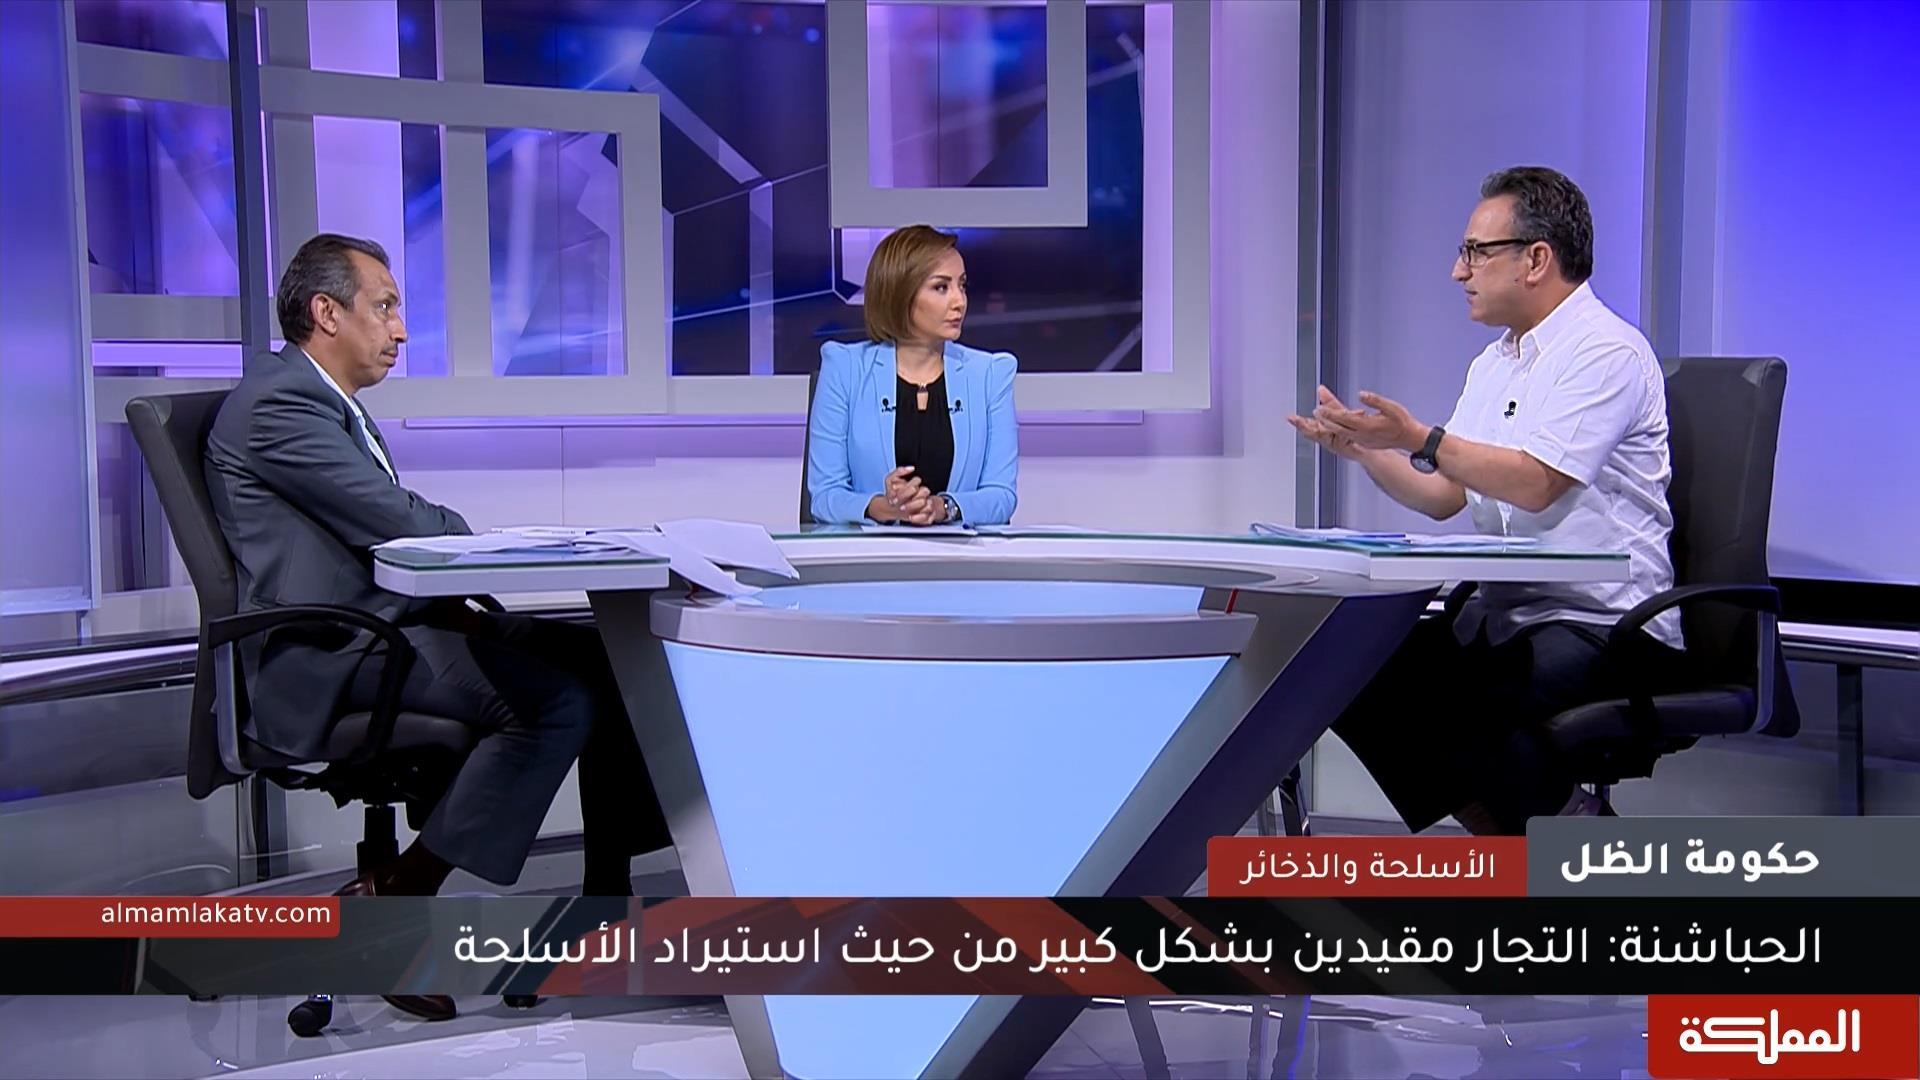 حكومة الظل | تنظيم سلاح الأردنيين... آليات التطبيق